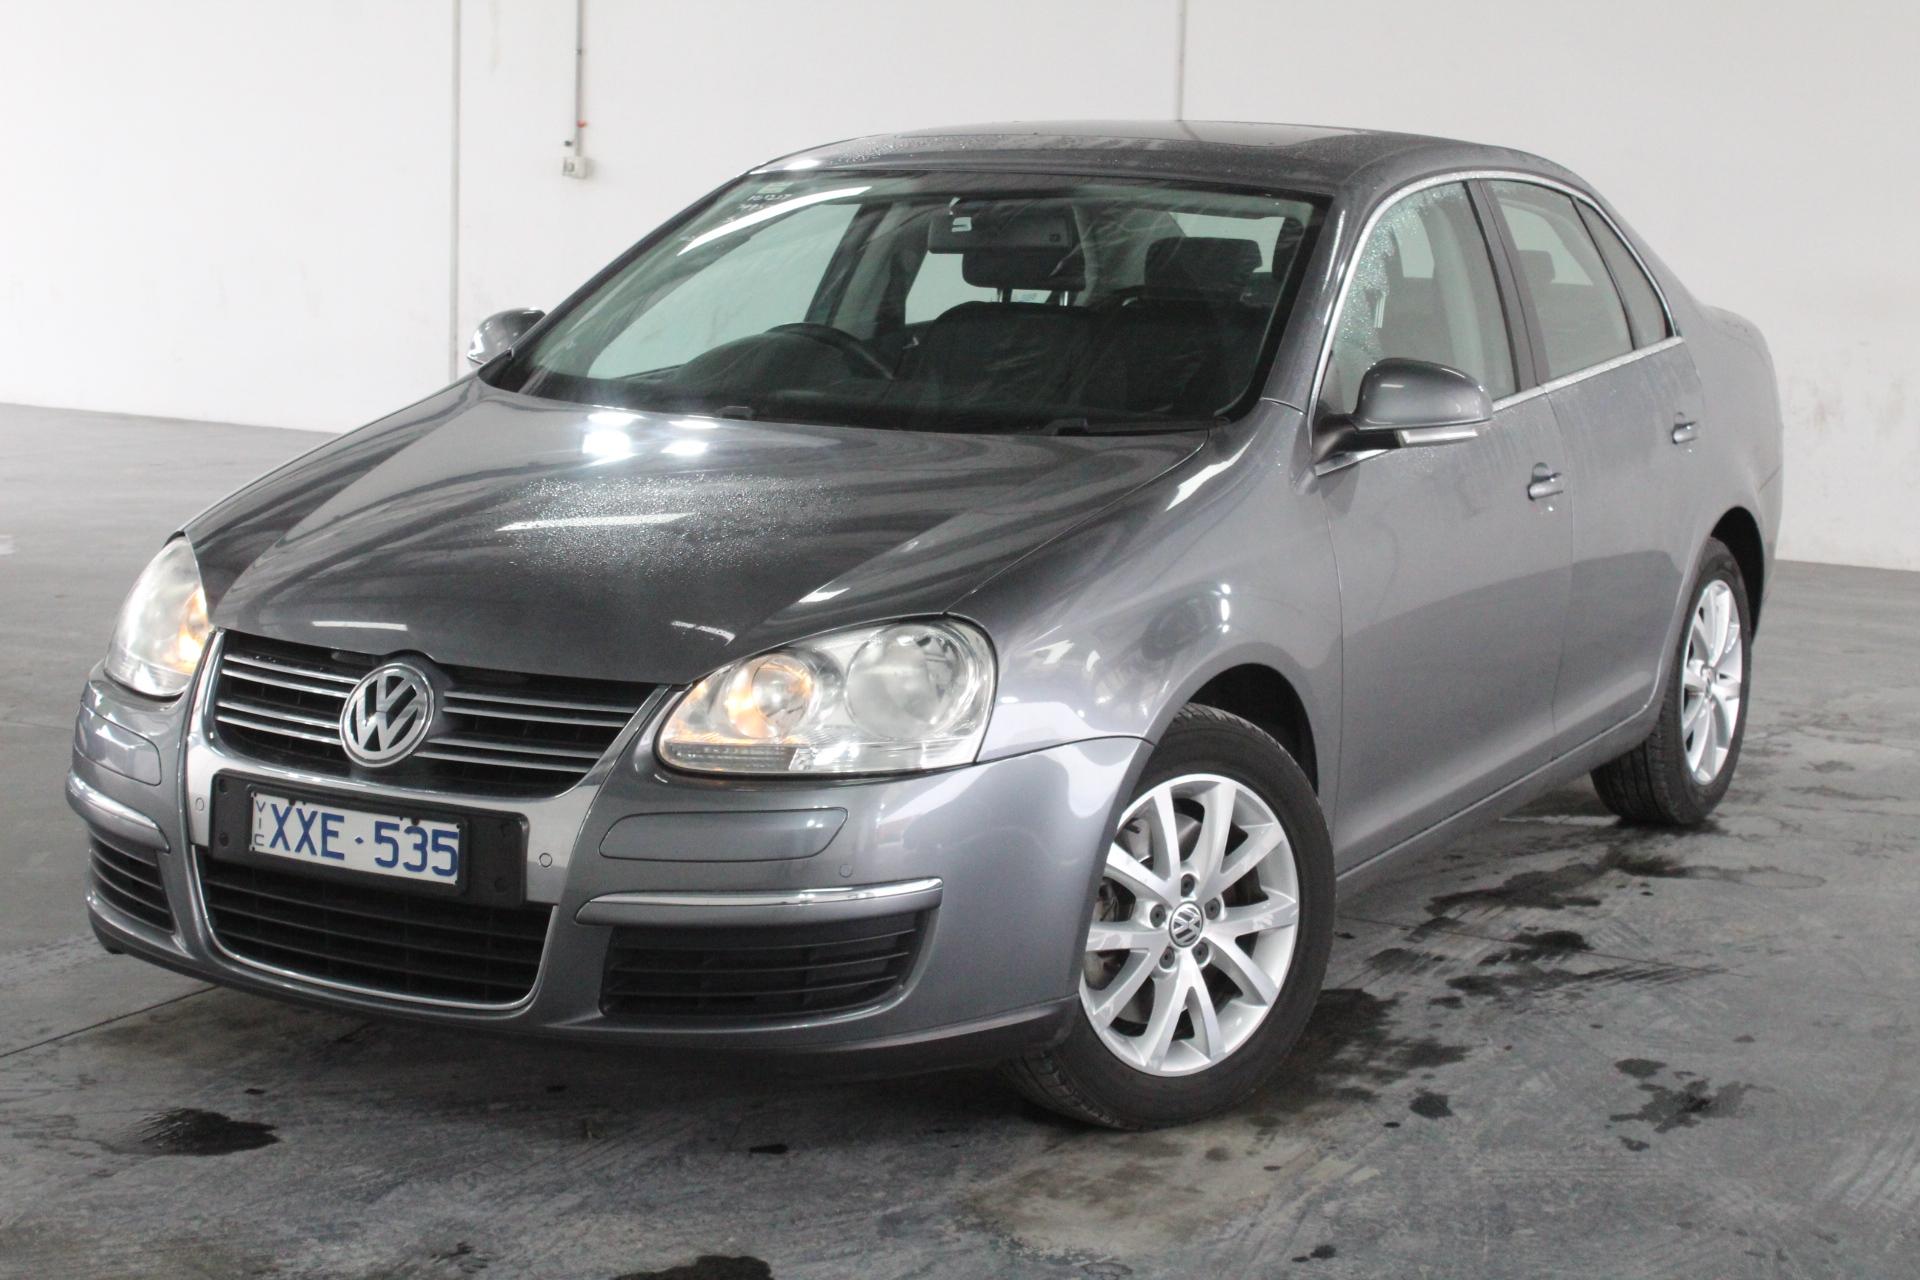 2010 Volkswagen Jetta 118TSI 1KM Auto Sedan, 39,825kms RWC dated 07-06-19